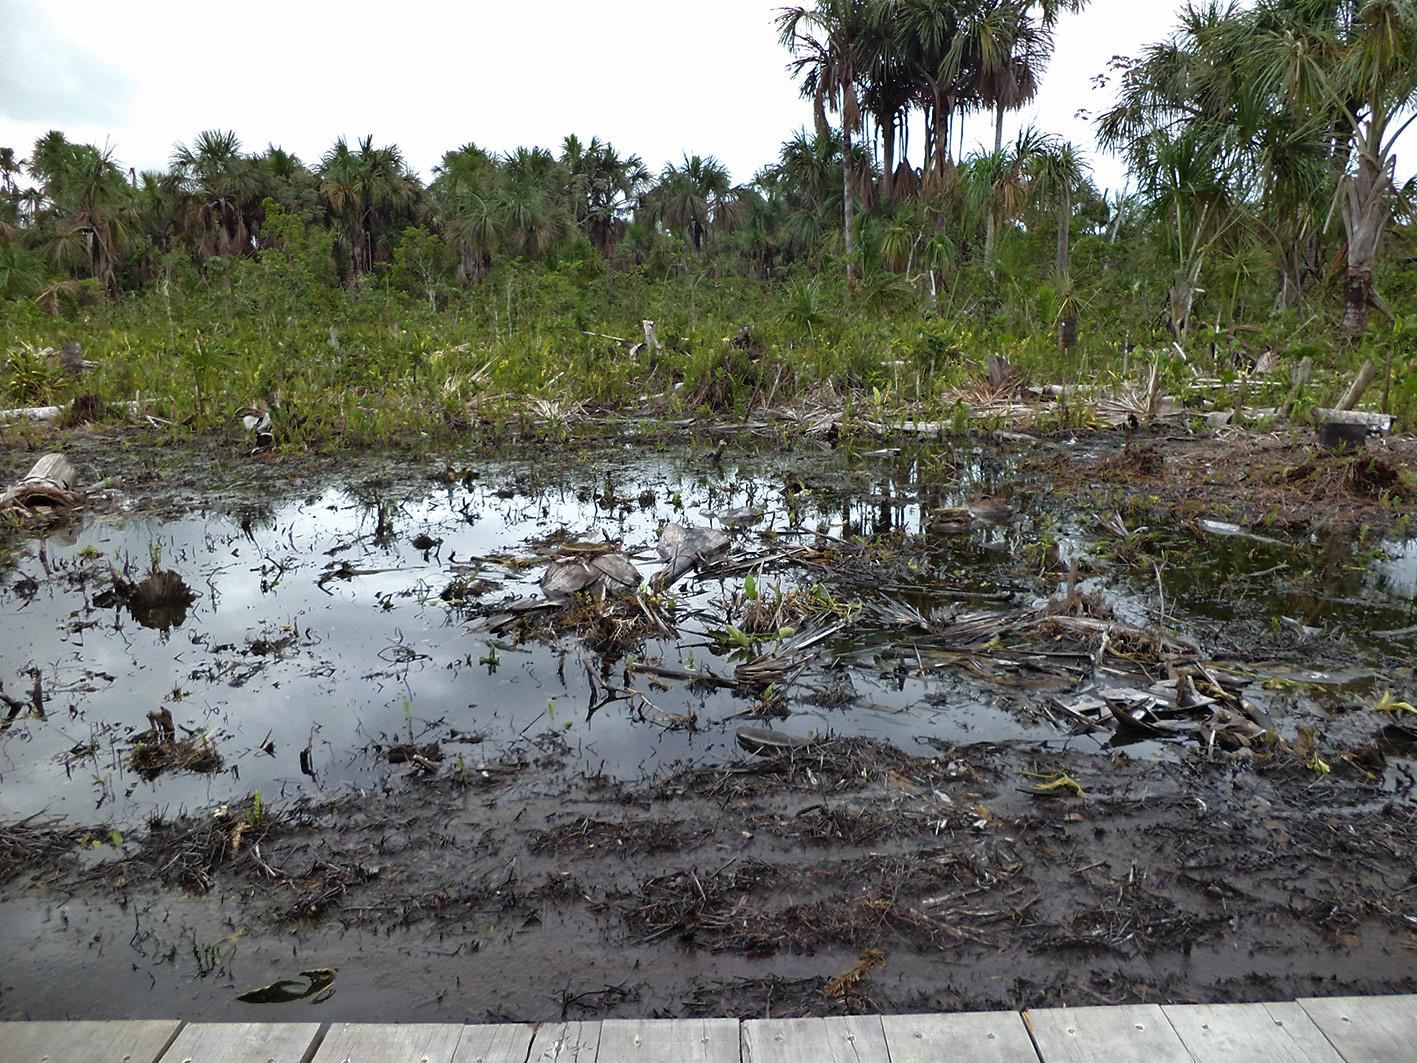 Derrame en zona del oleoducto, 4 de diciembre de 2013. Foto proporcionada por Acodecospat.